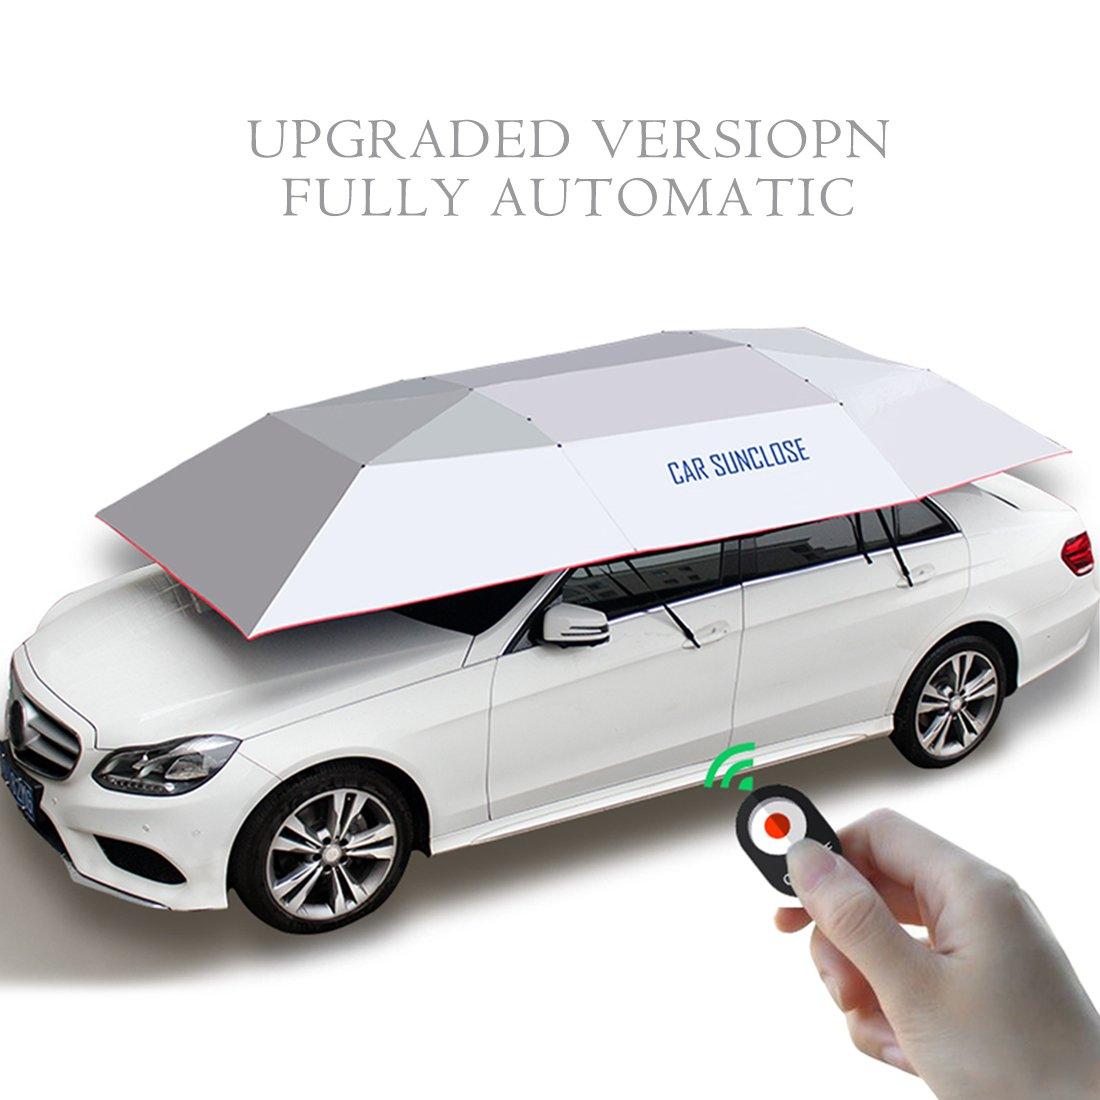 YIKESHU 半自動カーアンブレラ カーポート 車用自動テント 日よけ キャノピー折りたたみ ポータブル 車用傘 リモコン付き 88×161インチ シルバー シルバー シルバー 25W